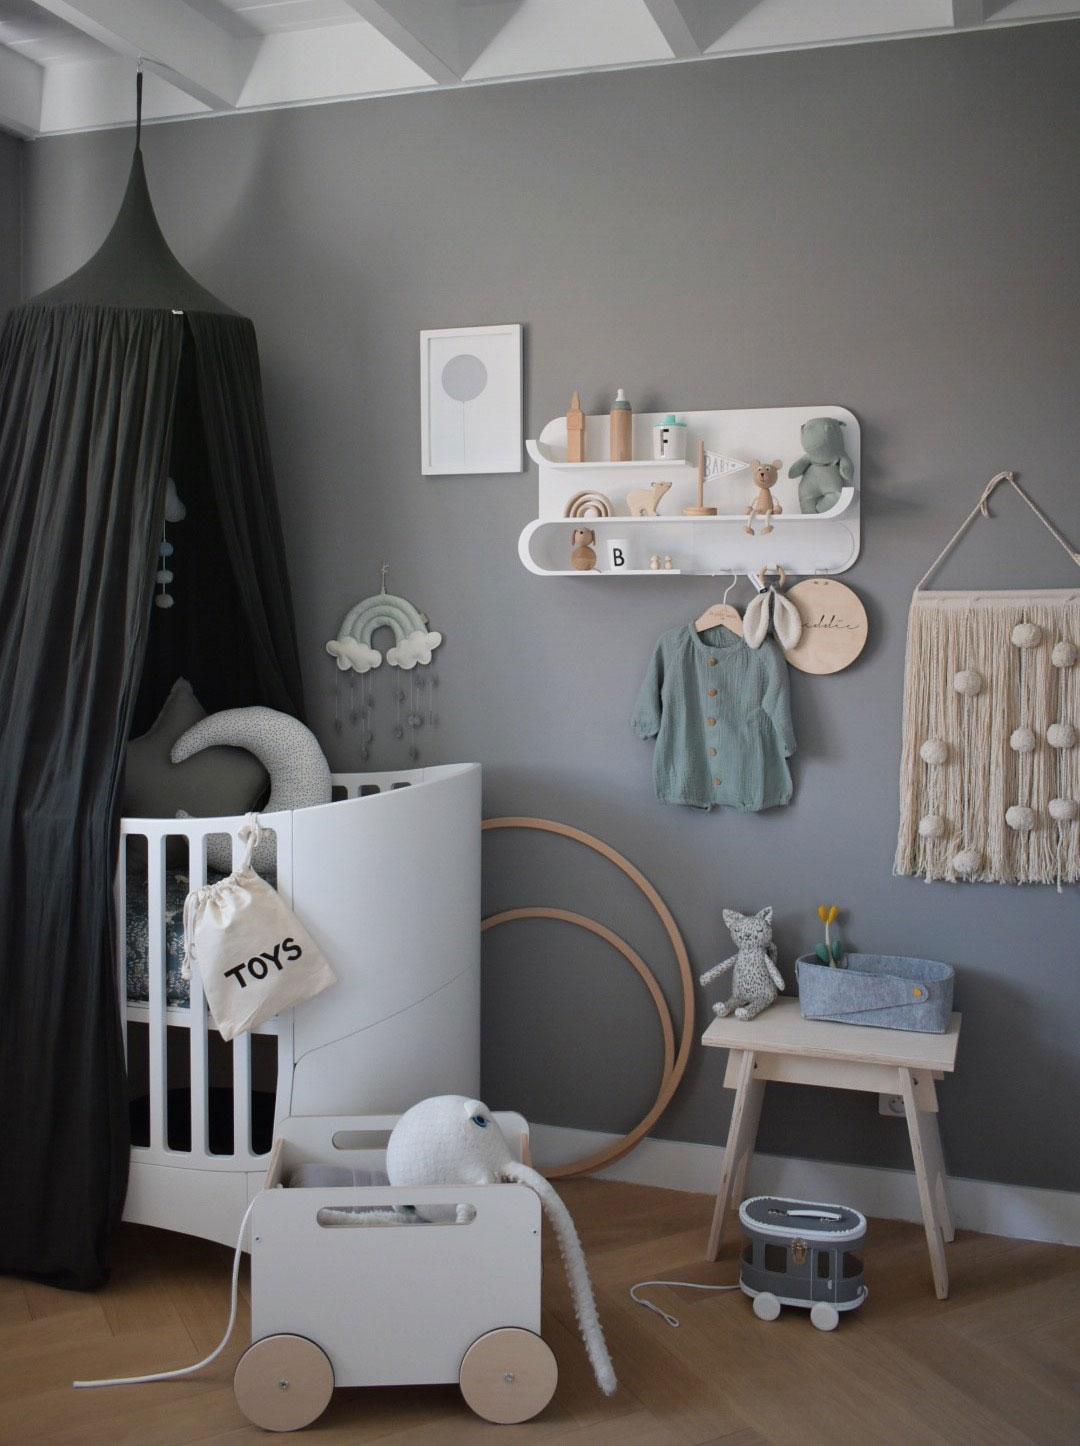 Wohnkonfetti - Wohnkonfetti - Interior-Blog & Family & Kids